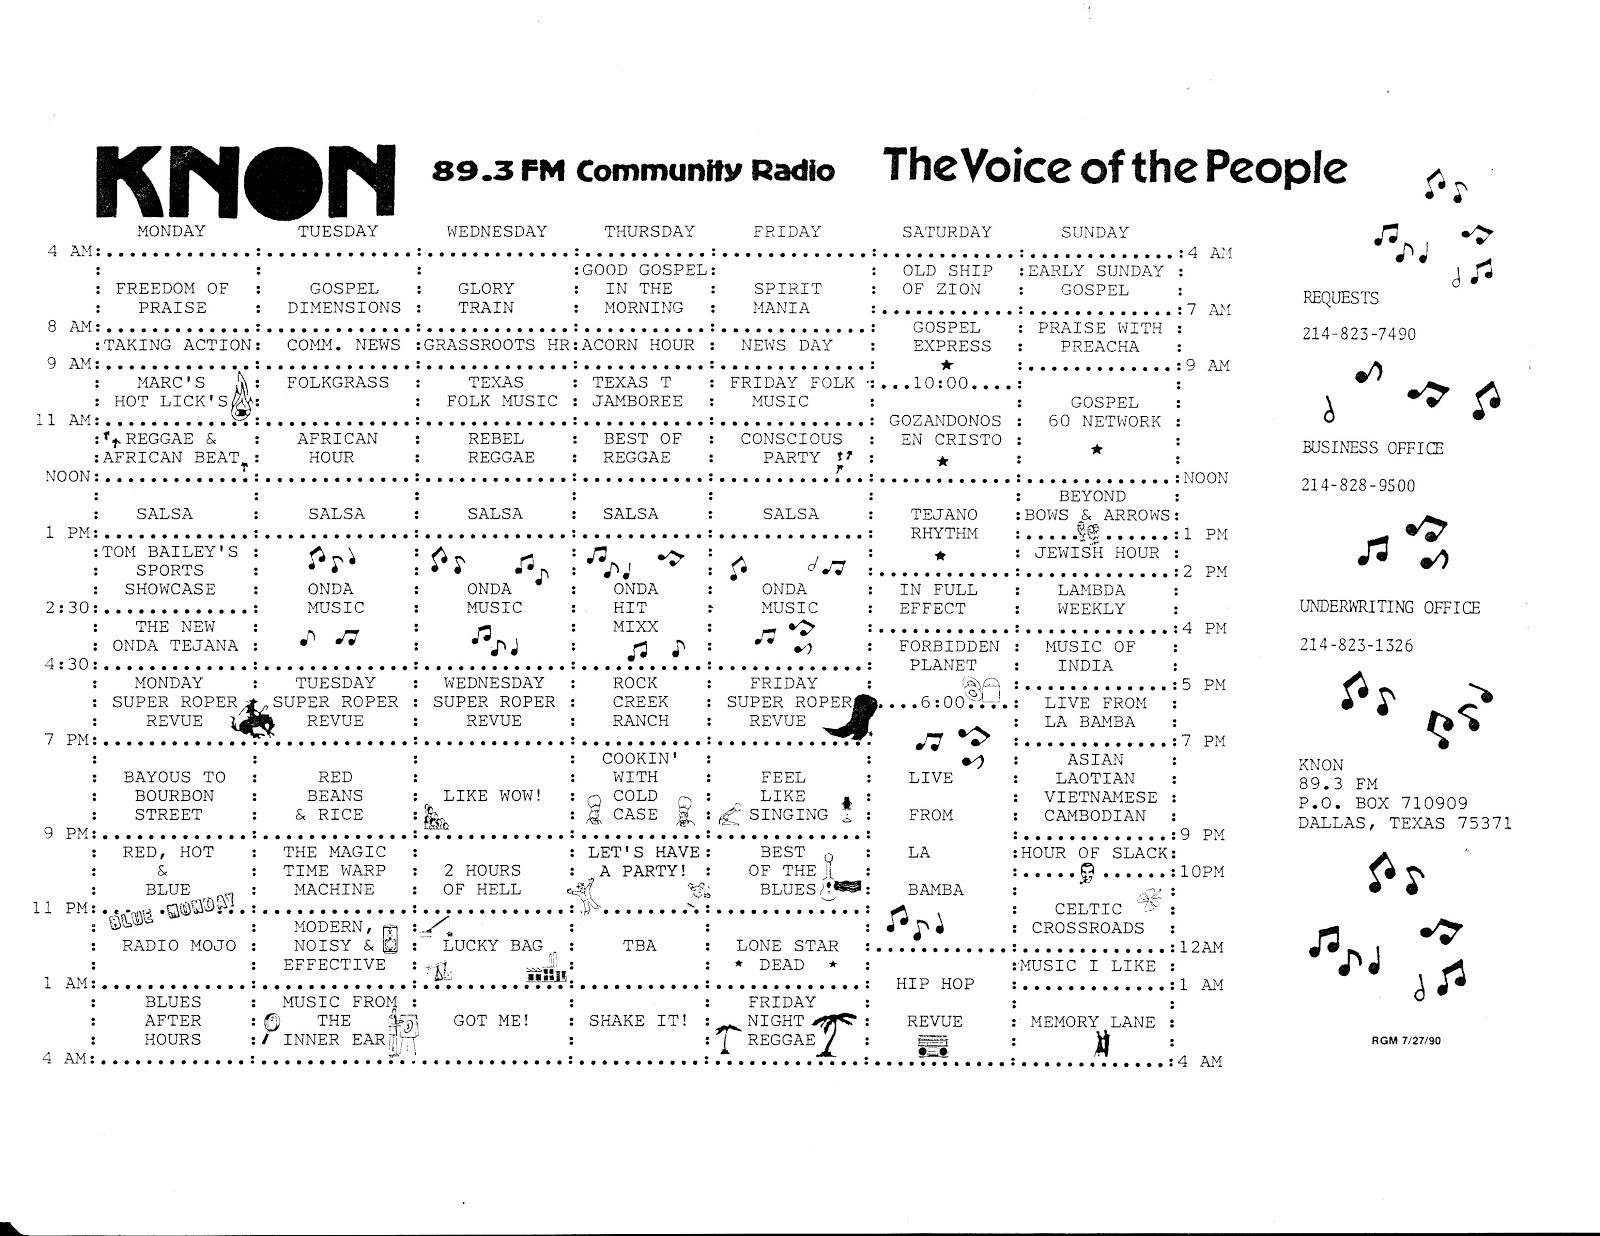 knon-schedule-900727